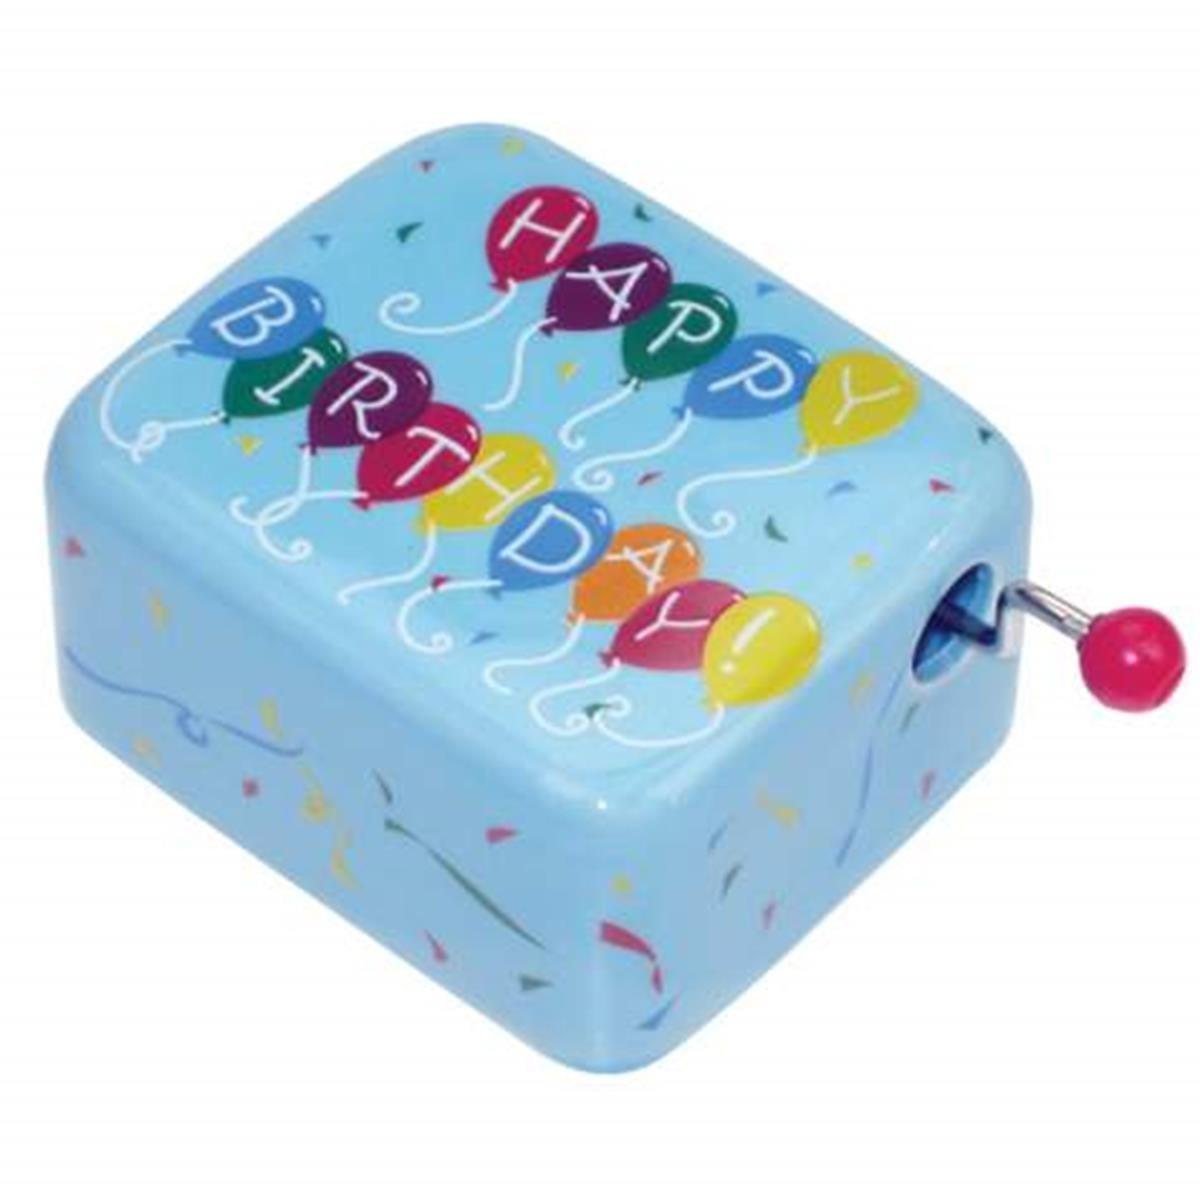 【即出荷】 WL ss-wl-21208バルーンパターンブルーMusical手クランクwith WL Happy誕生日キャプション B008A7CPMQ B008A7CPMQ, スサミチョウ:0ee0190e --- svecha37.ru